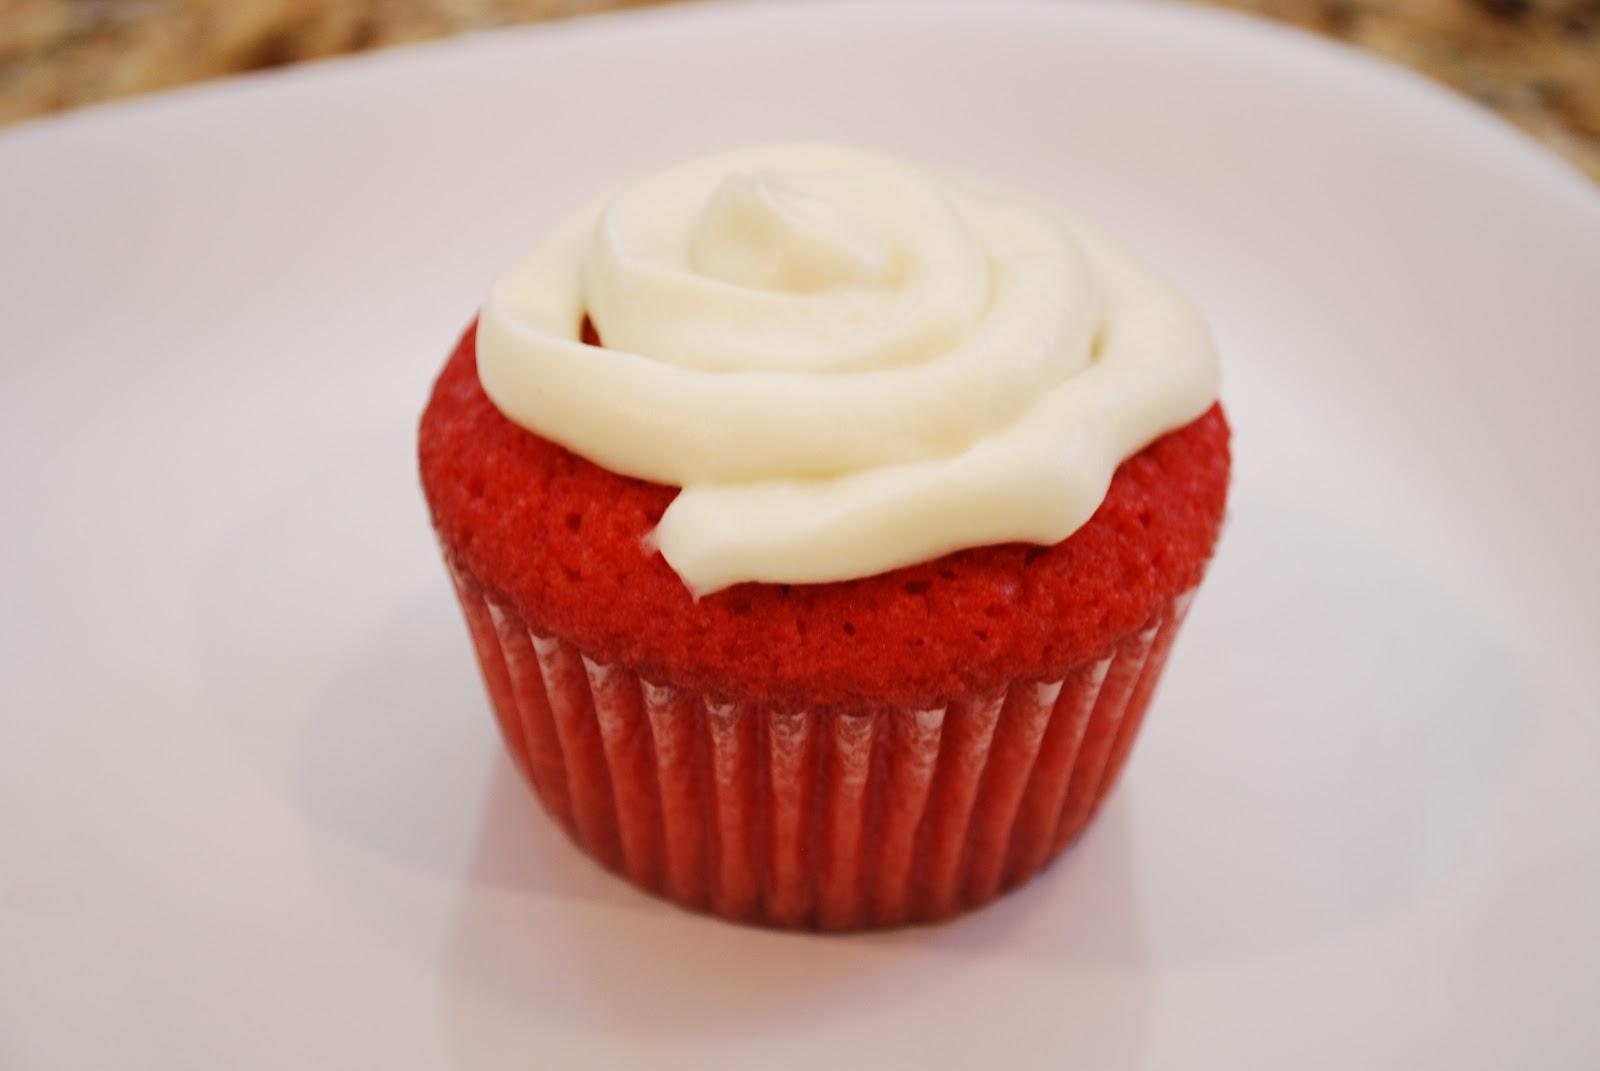 Georgetown Cupcakes Red Velvet